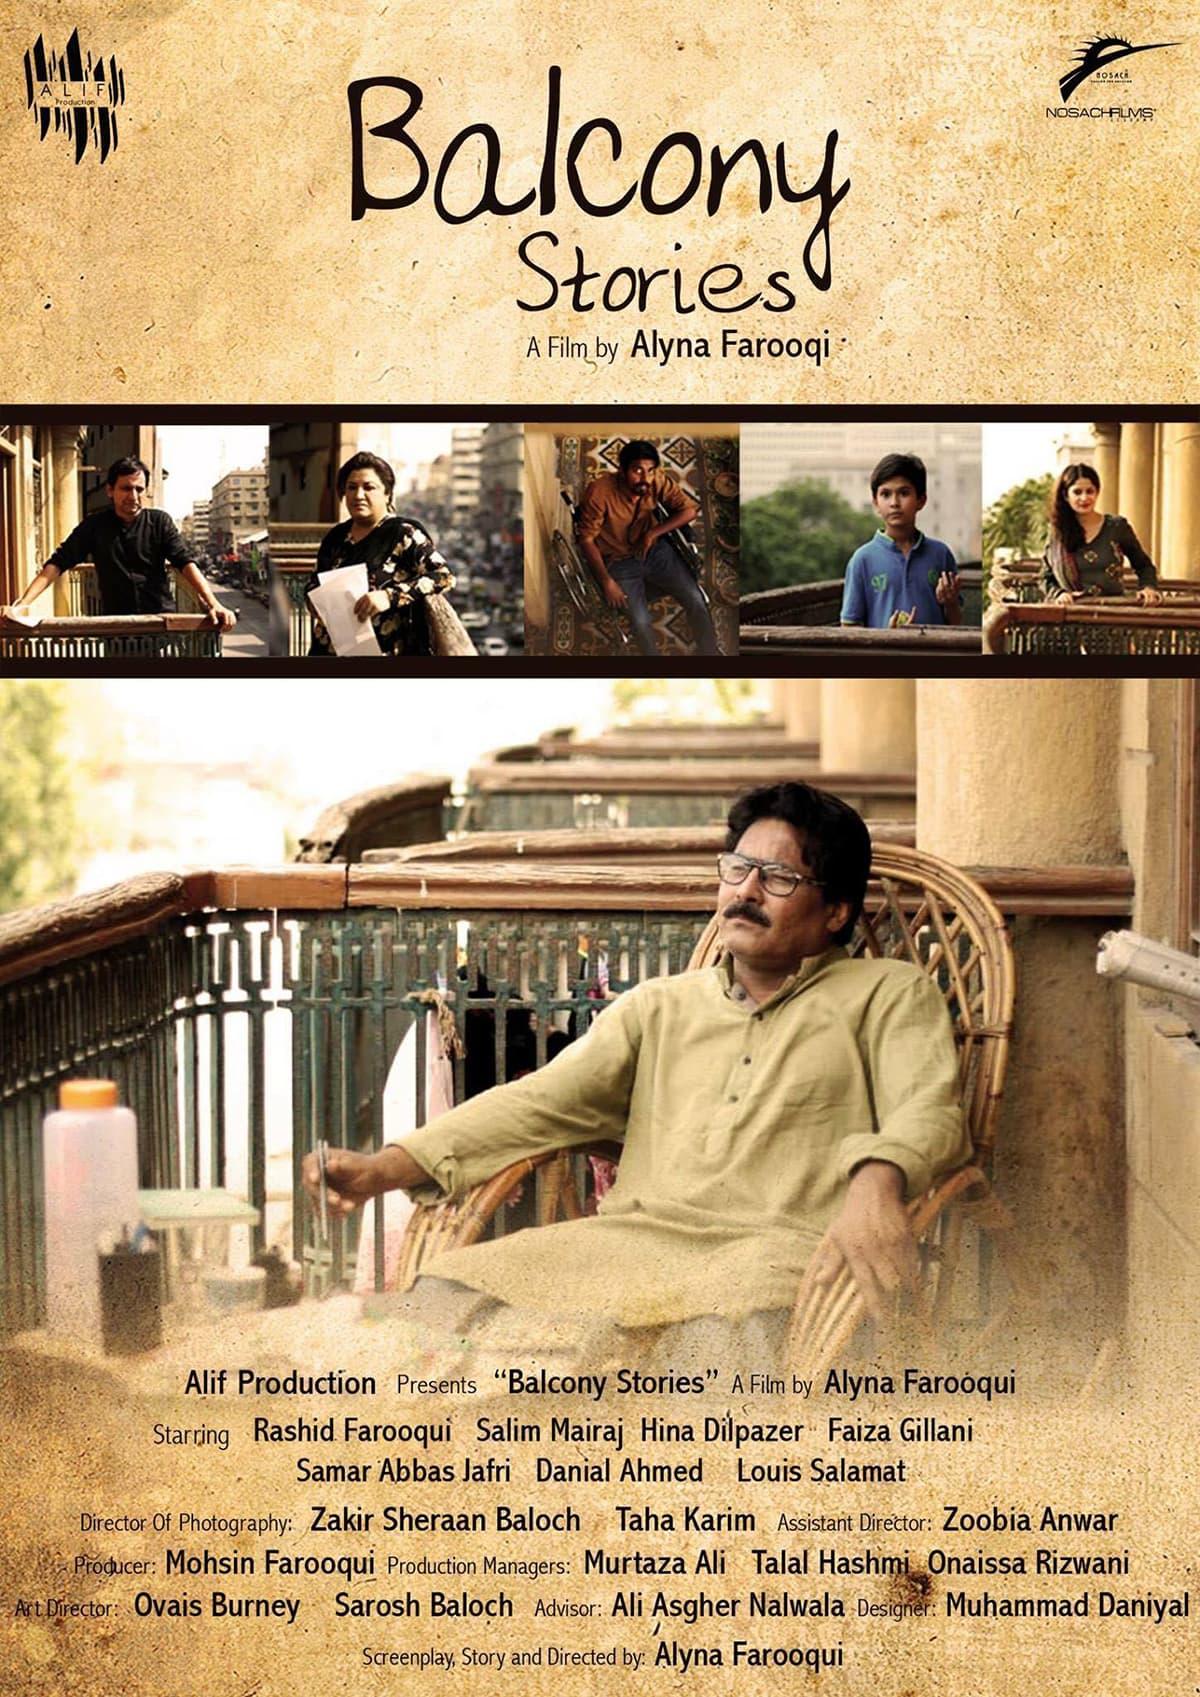 بالکونی کی کہانیاں کا آفیشل پوسٹر